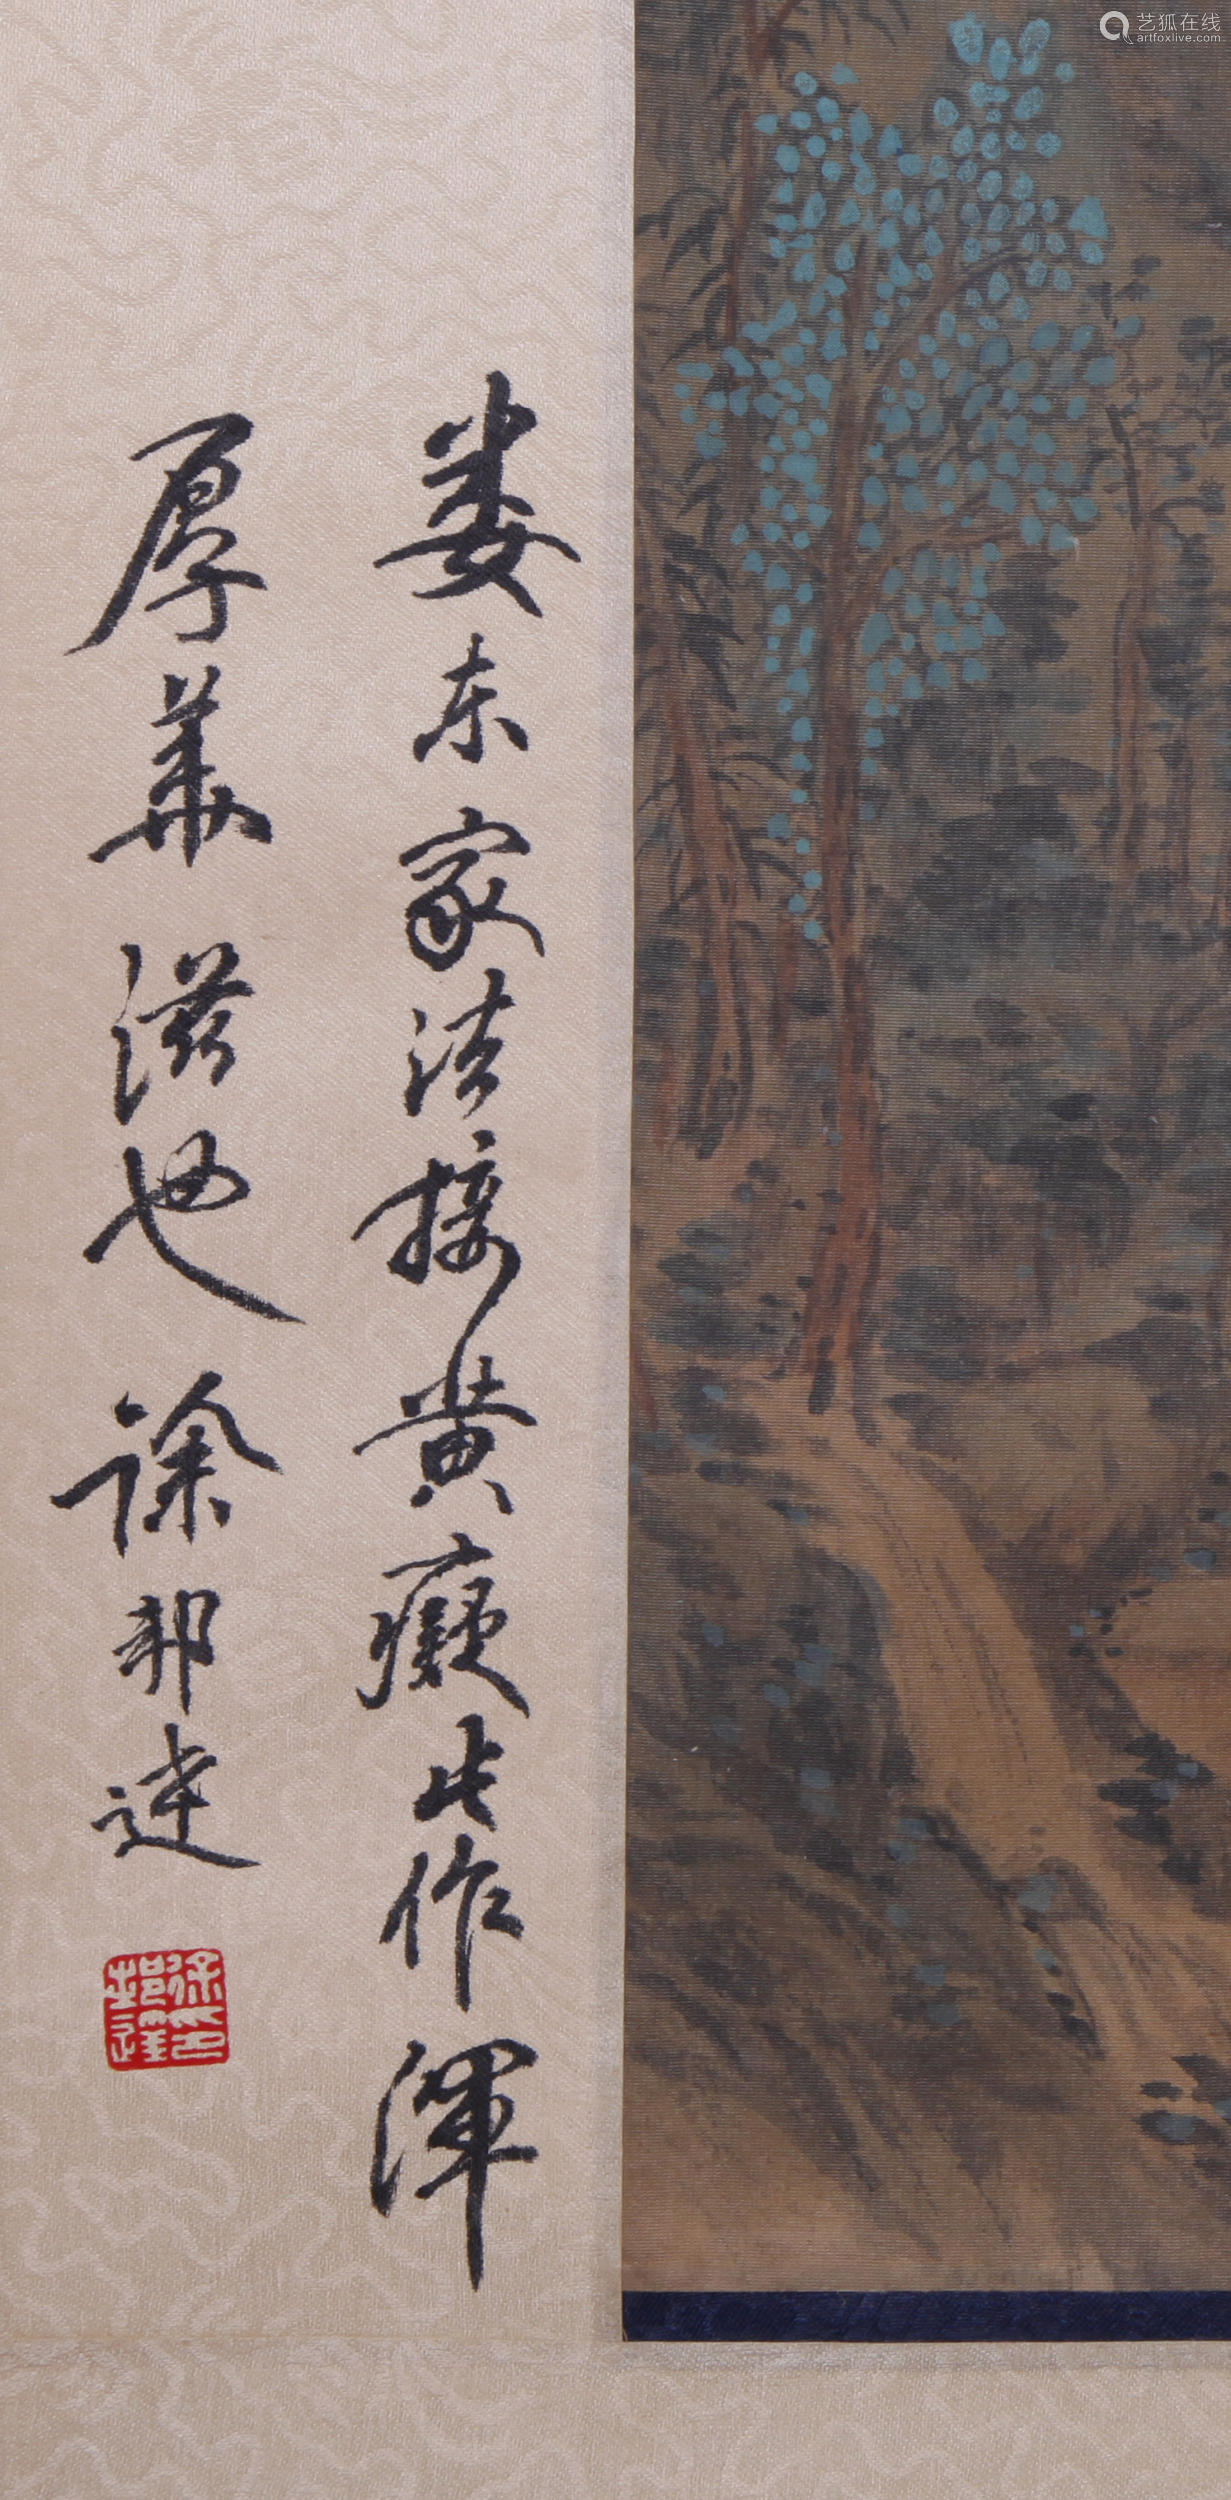 Wang Shimin - Mountain Scenery Shan Shui Painting